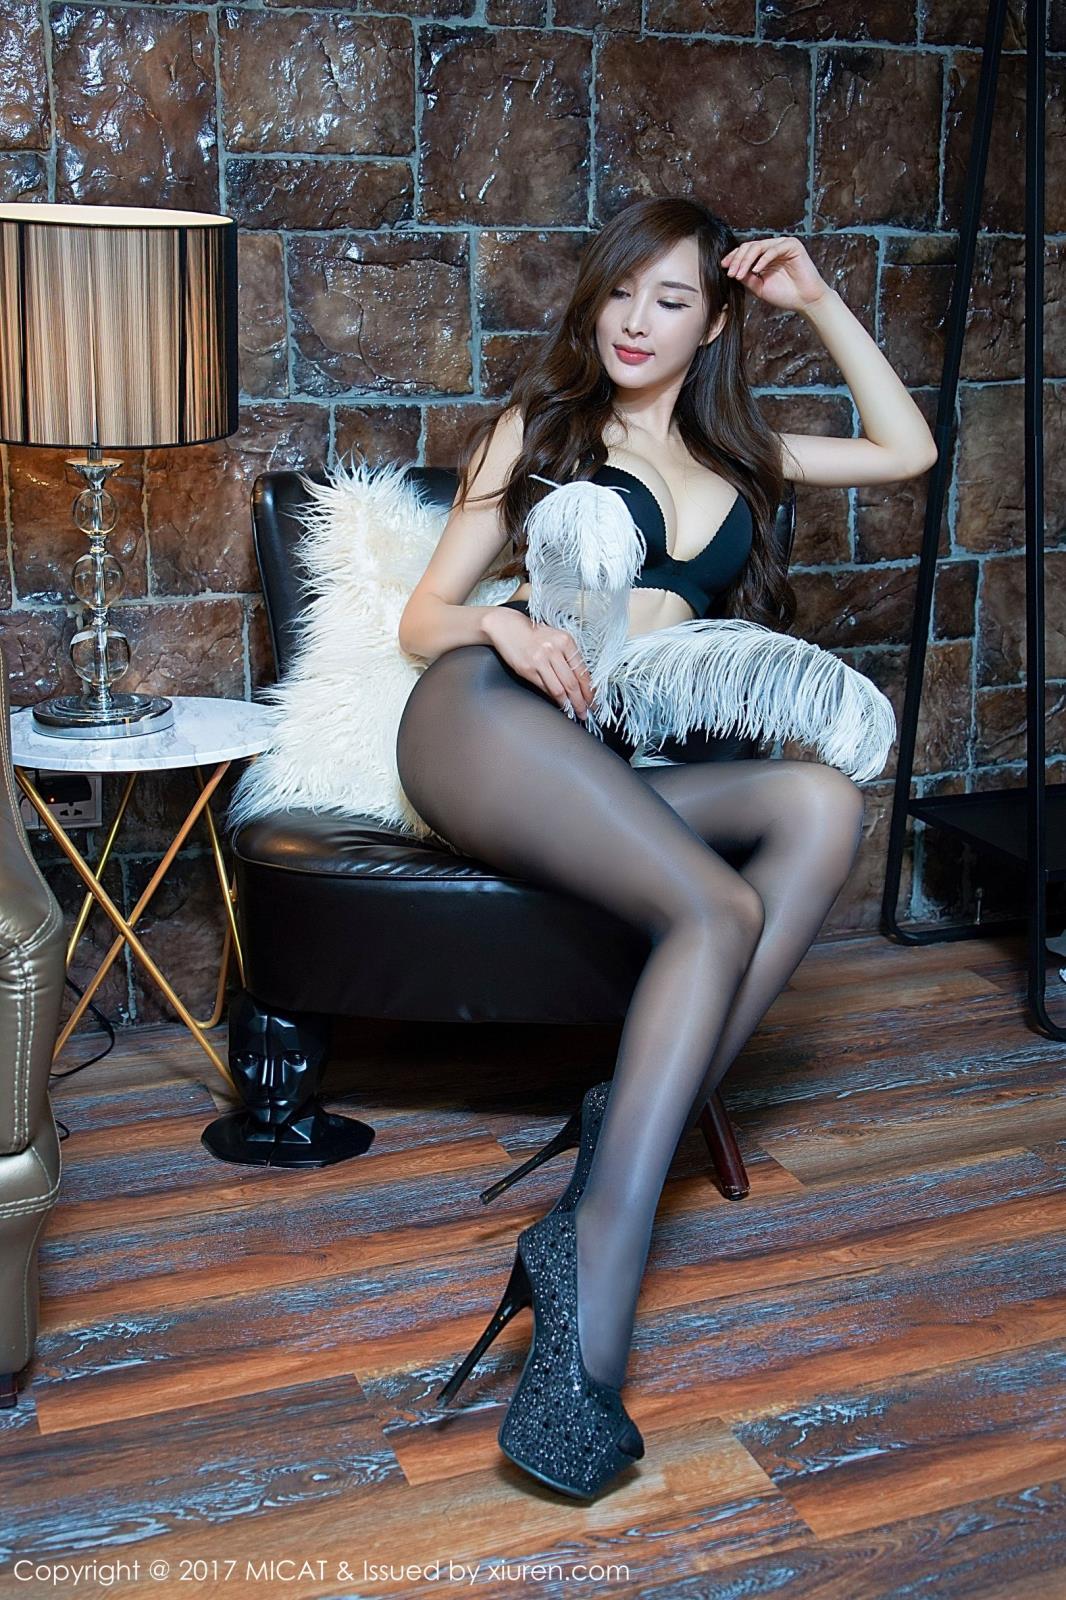 性感宅男女神美女周妍希大胆丝袜美腿内衣诱惑写真图片